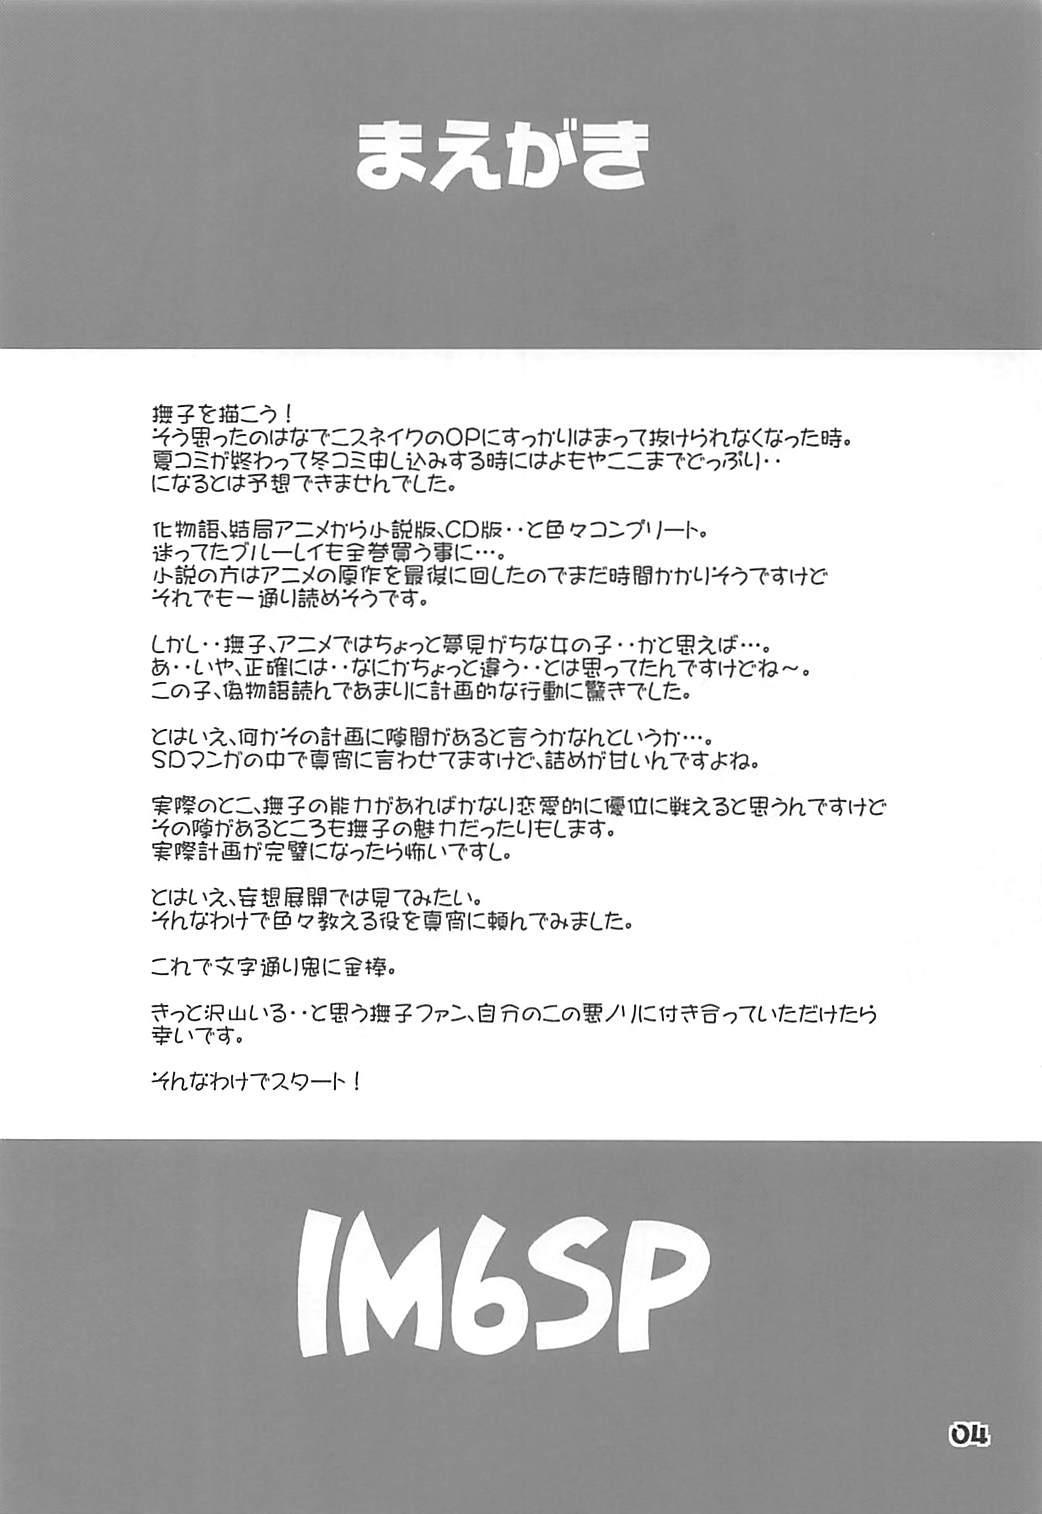 IM6SP 2